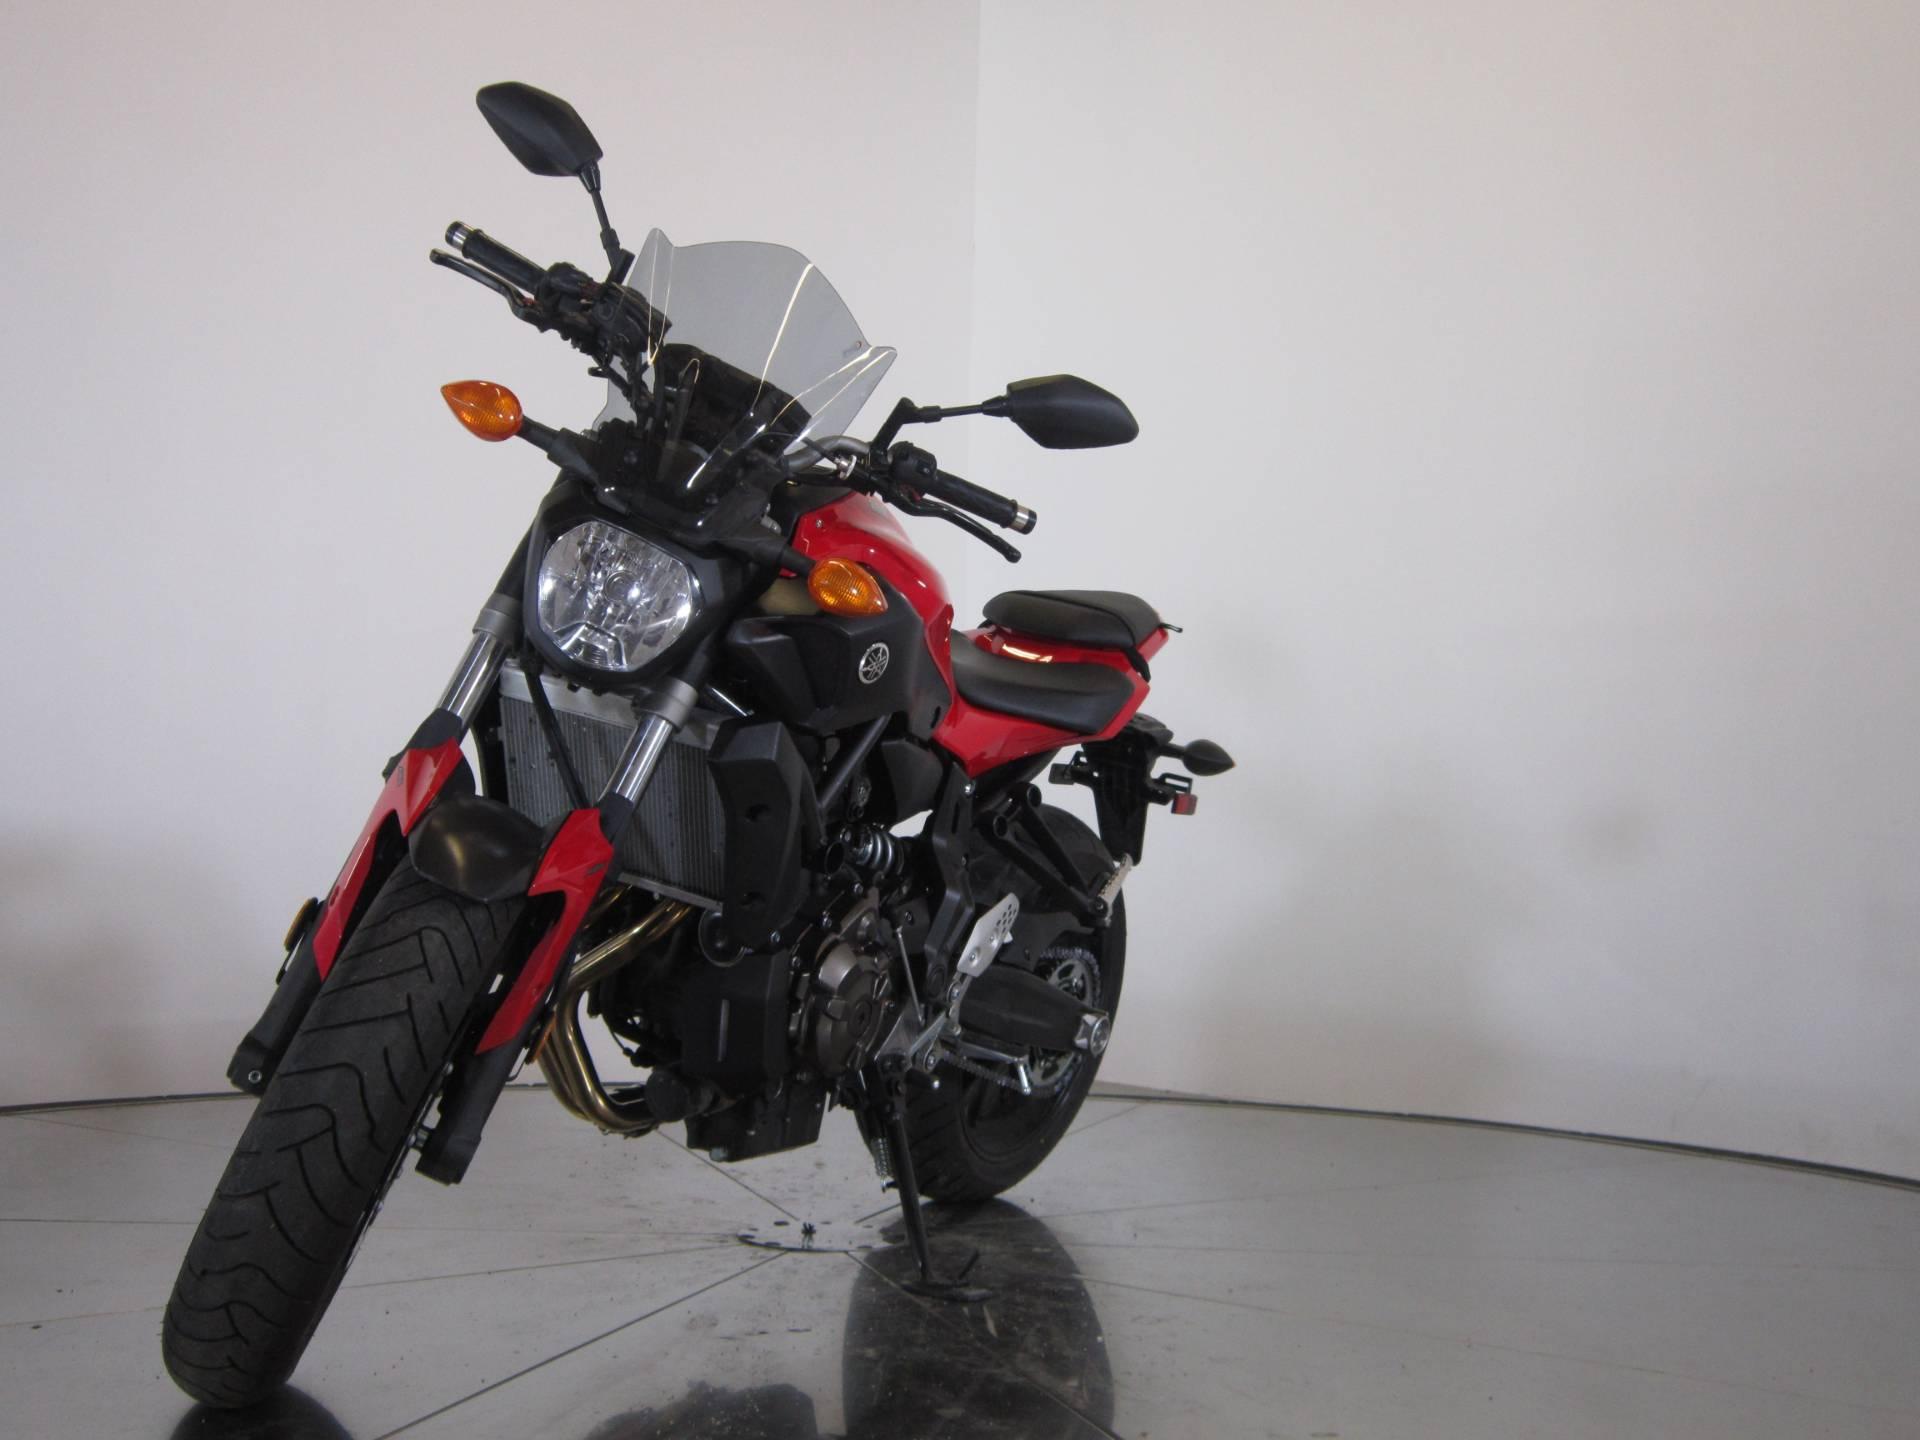 2017 Yamaha FZ-07 4